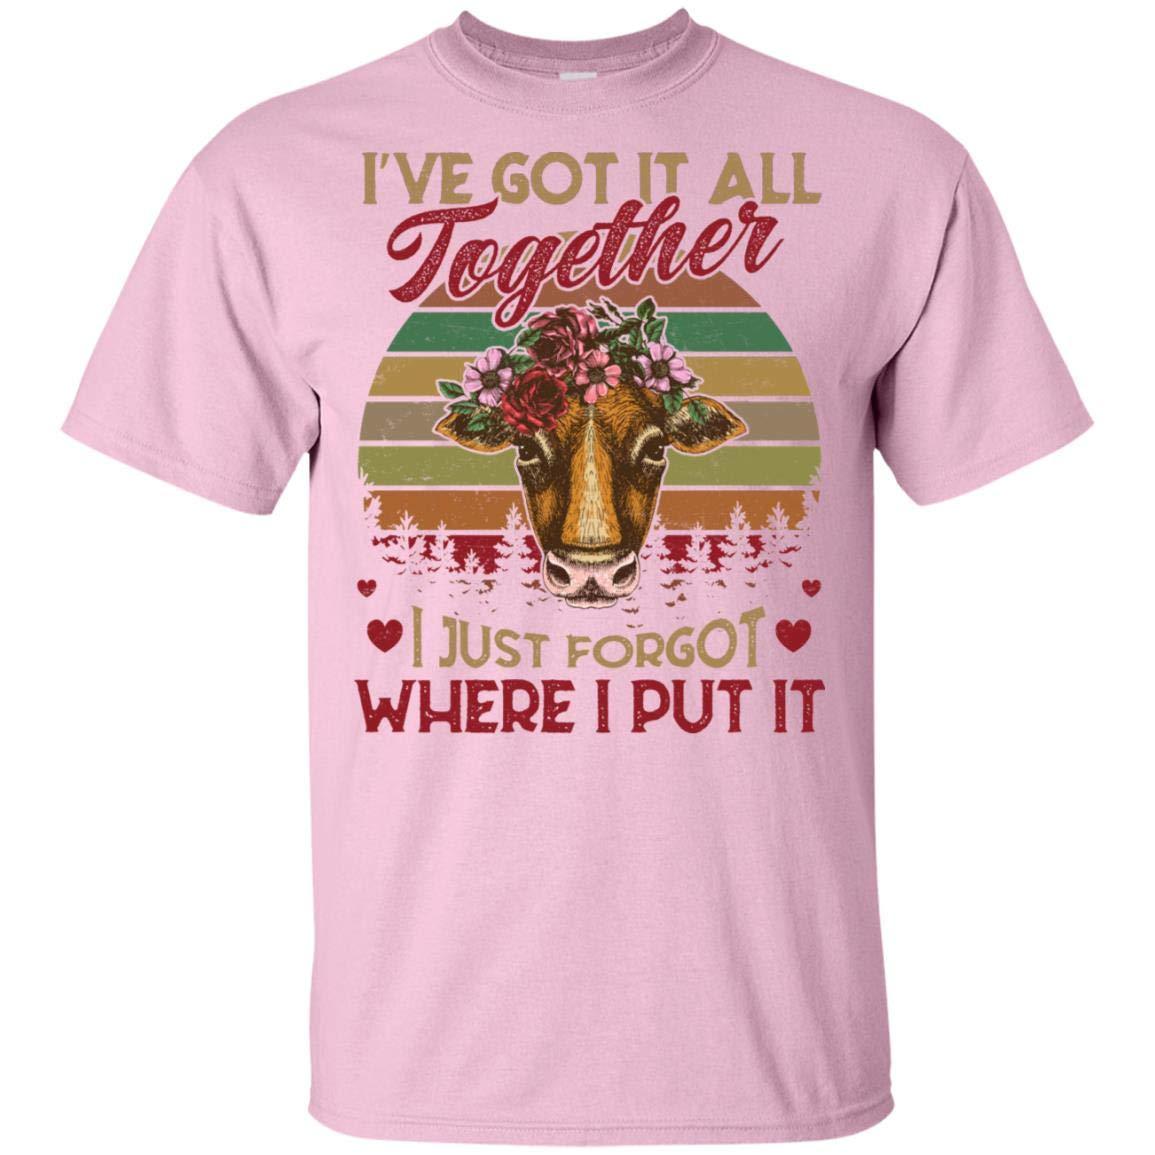 I Ve Got It All Together I Just Forgot Where I Put It Heifer Funny Vintage T Shirt